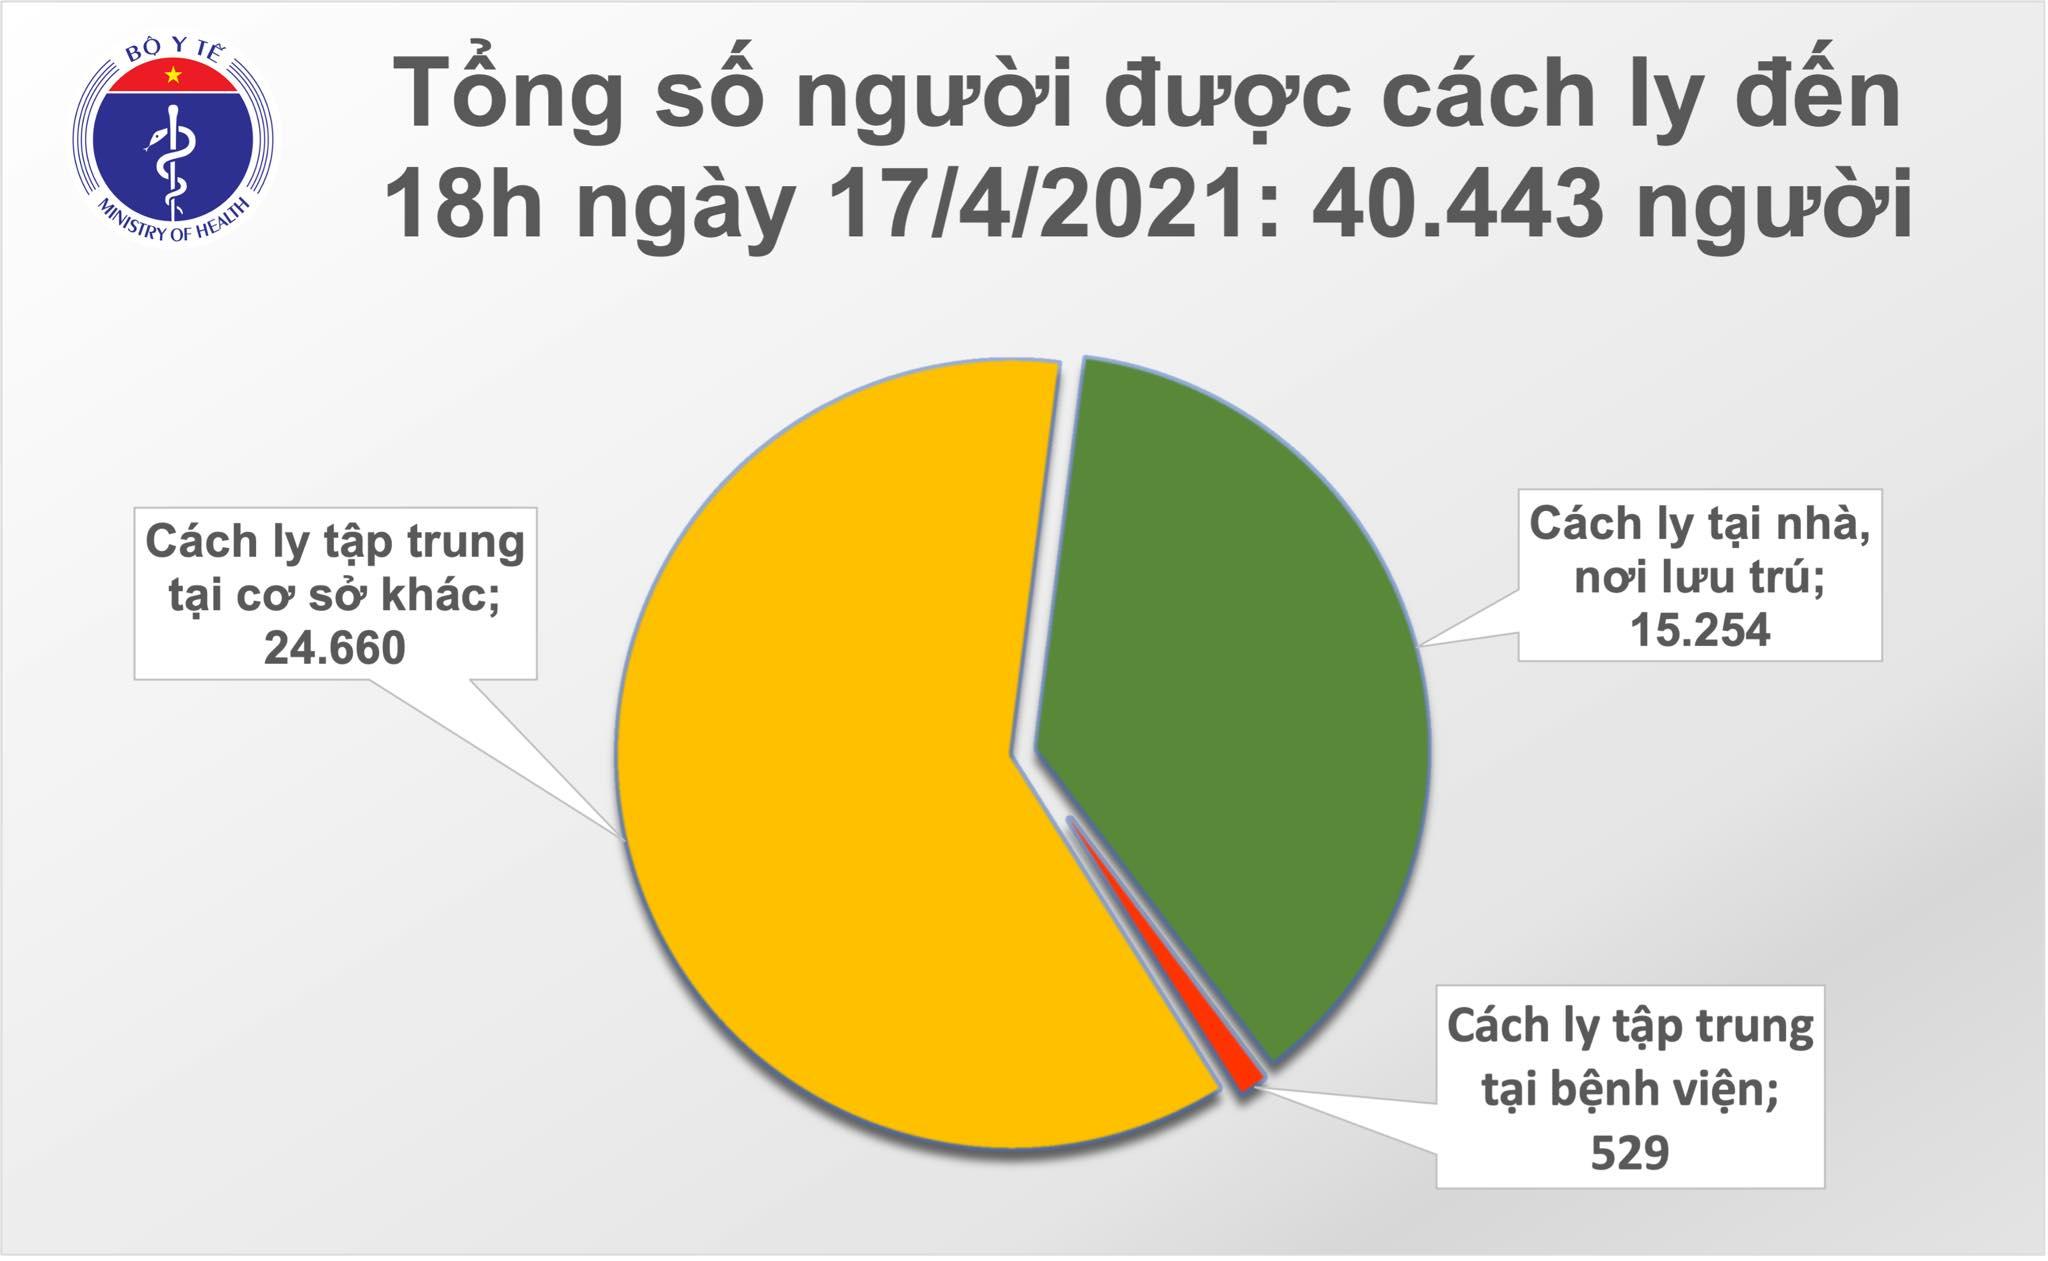 Chiều 17/4: Thêm 8 ca mắc COVID-19 tại Kiên Giang, Khánh Hoà và Đà Nẵng - Ảnh 2.